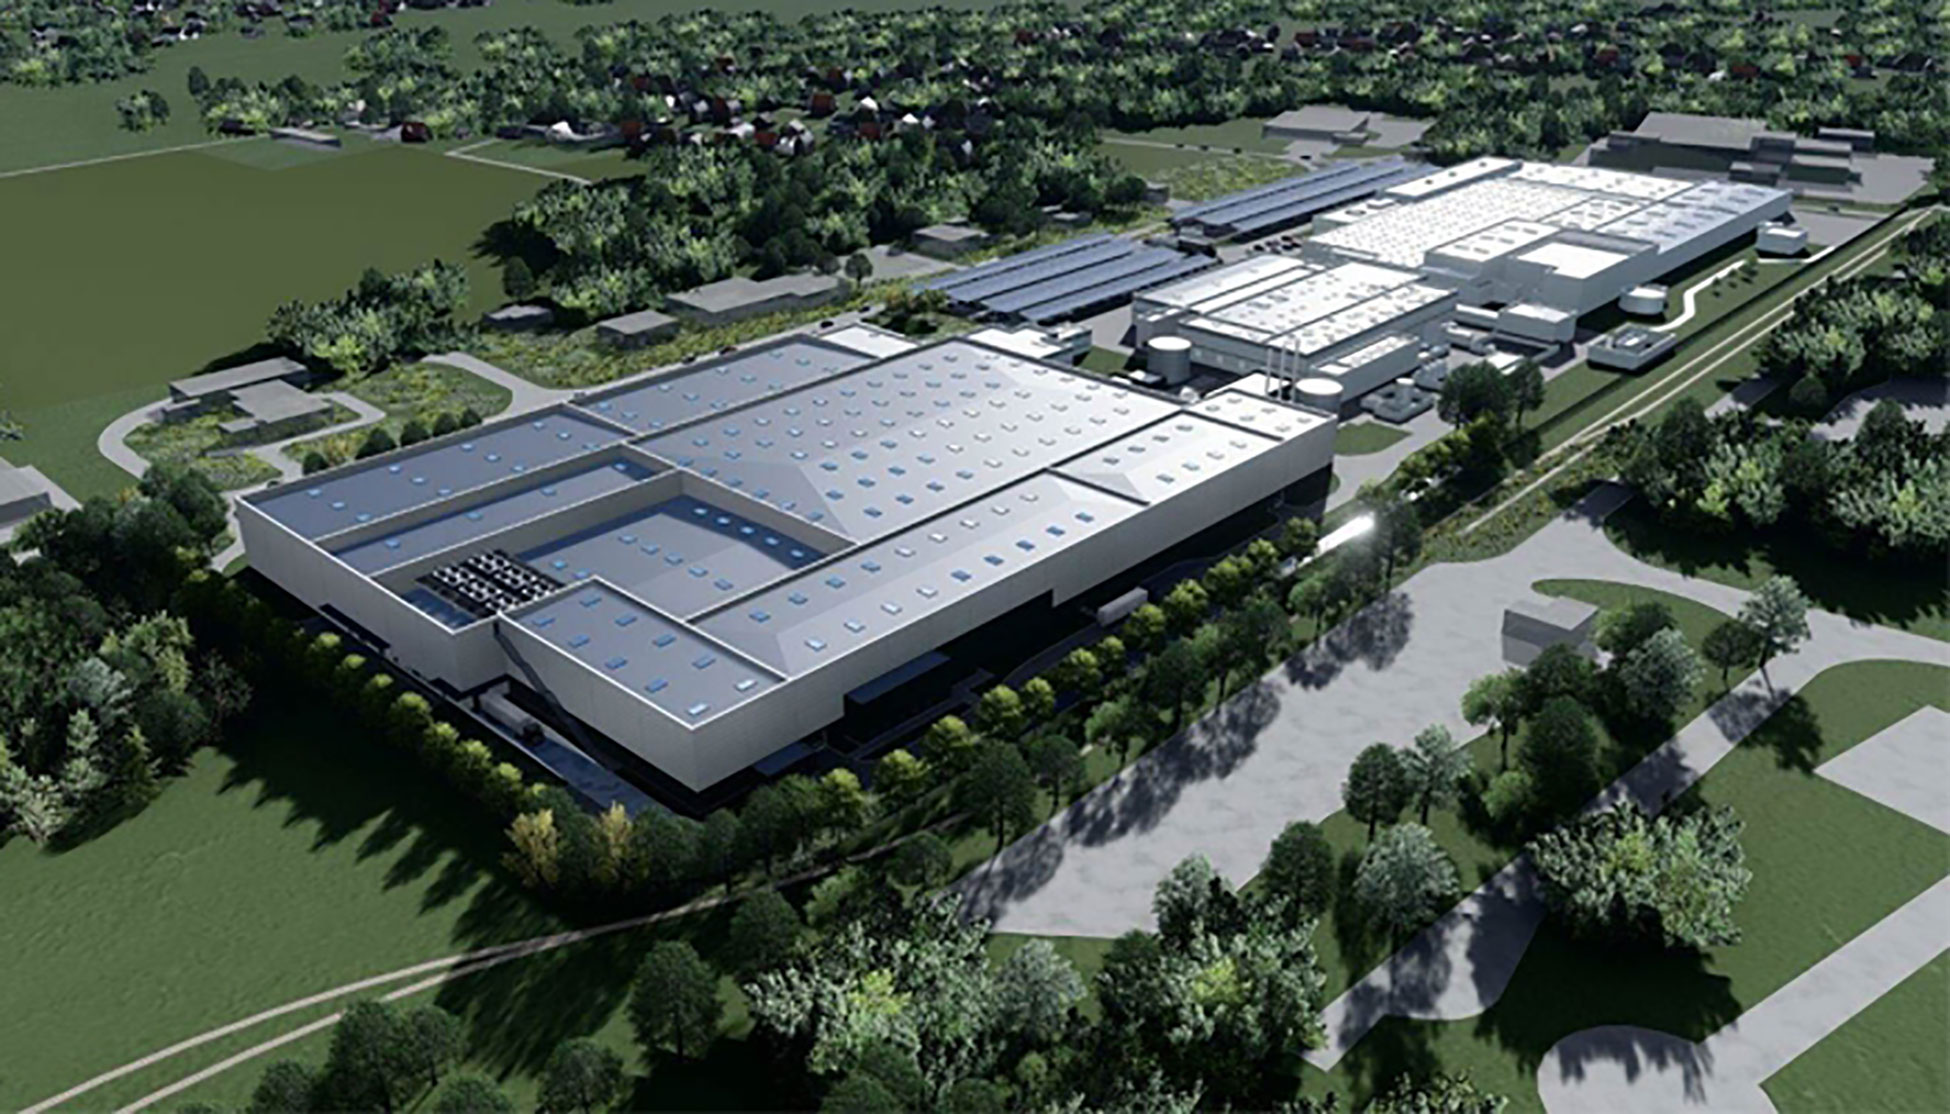 Groupe_PSA_Total_Automotive_Cells_Company_ACC